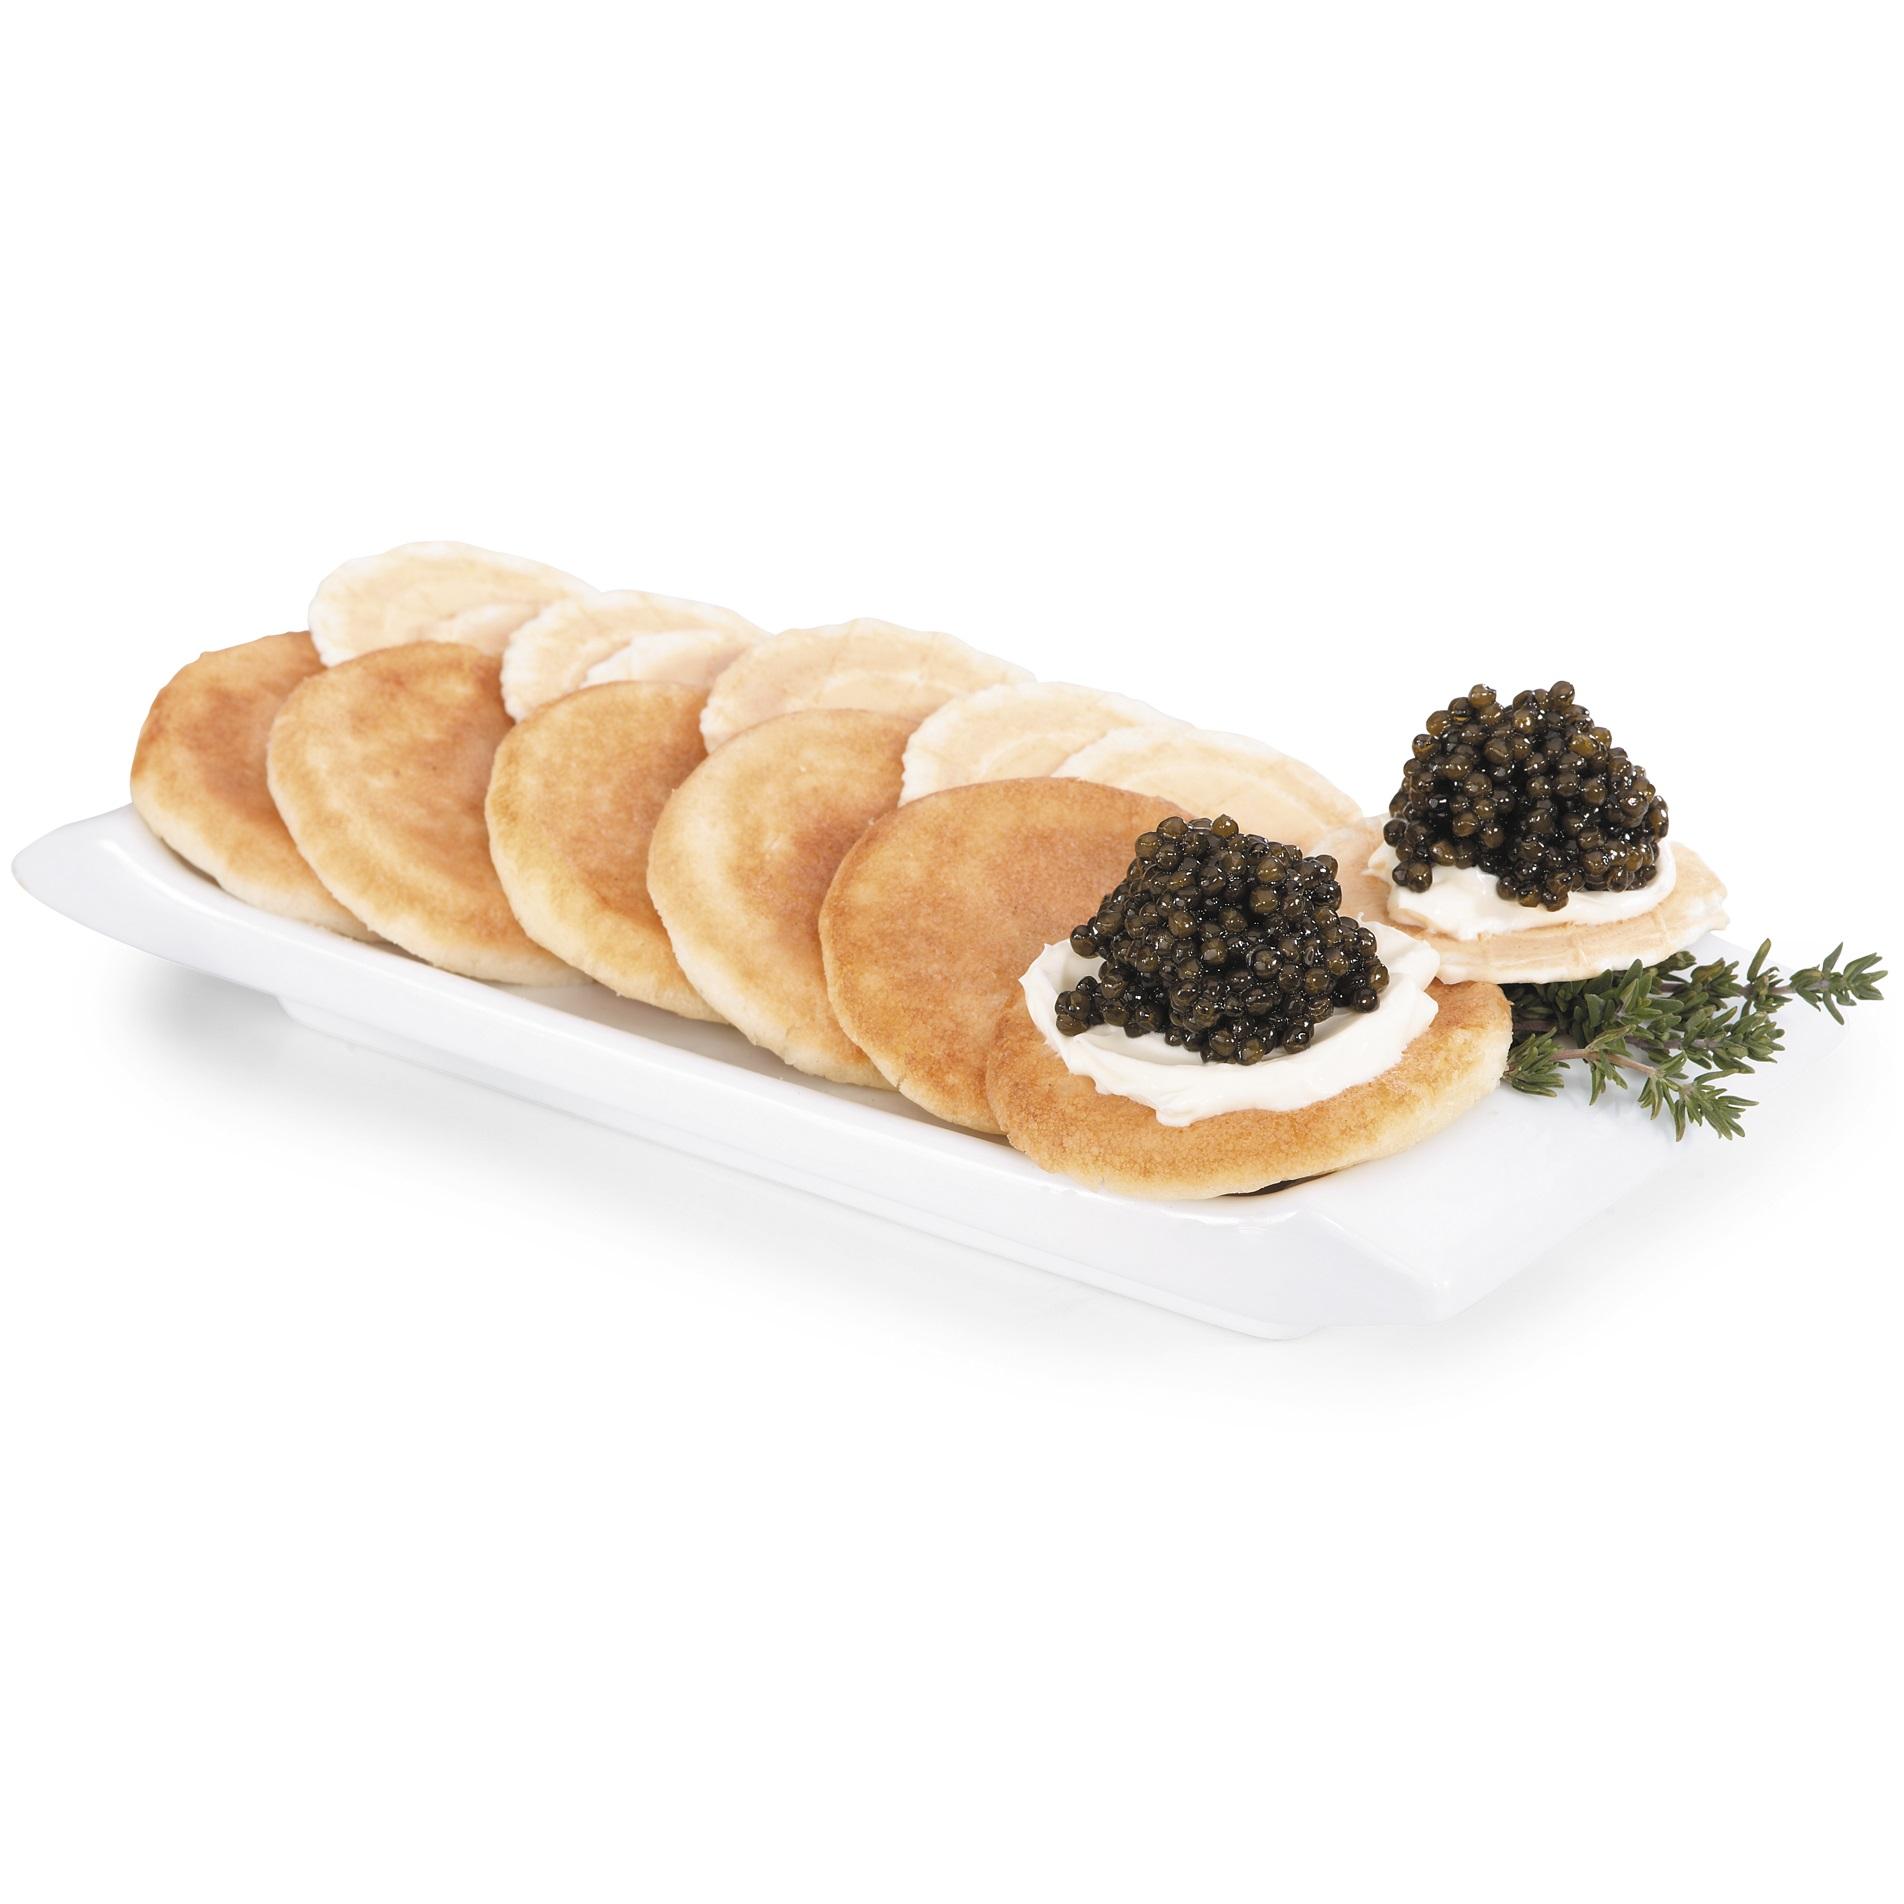 Blinis & Caviar